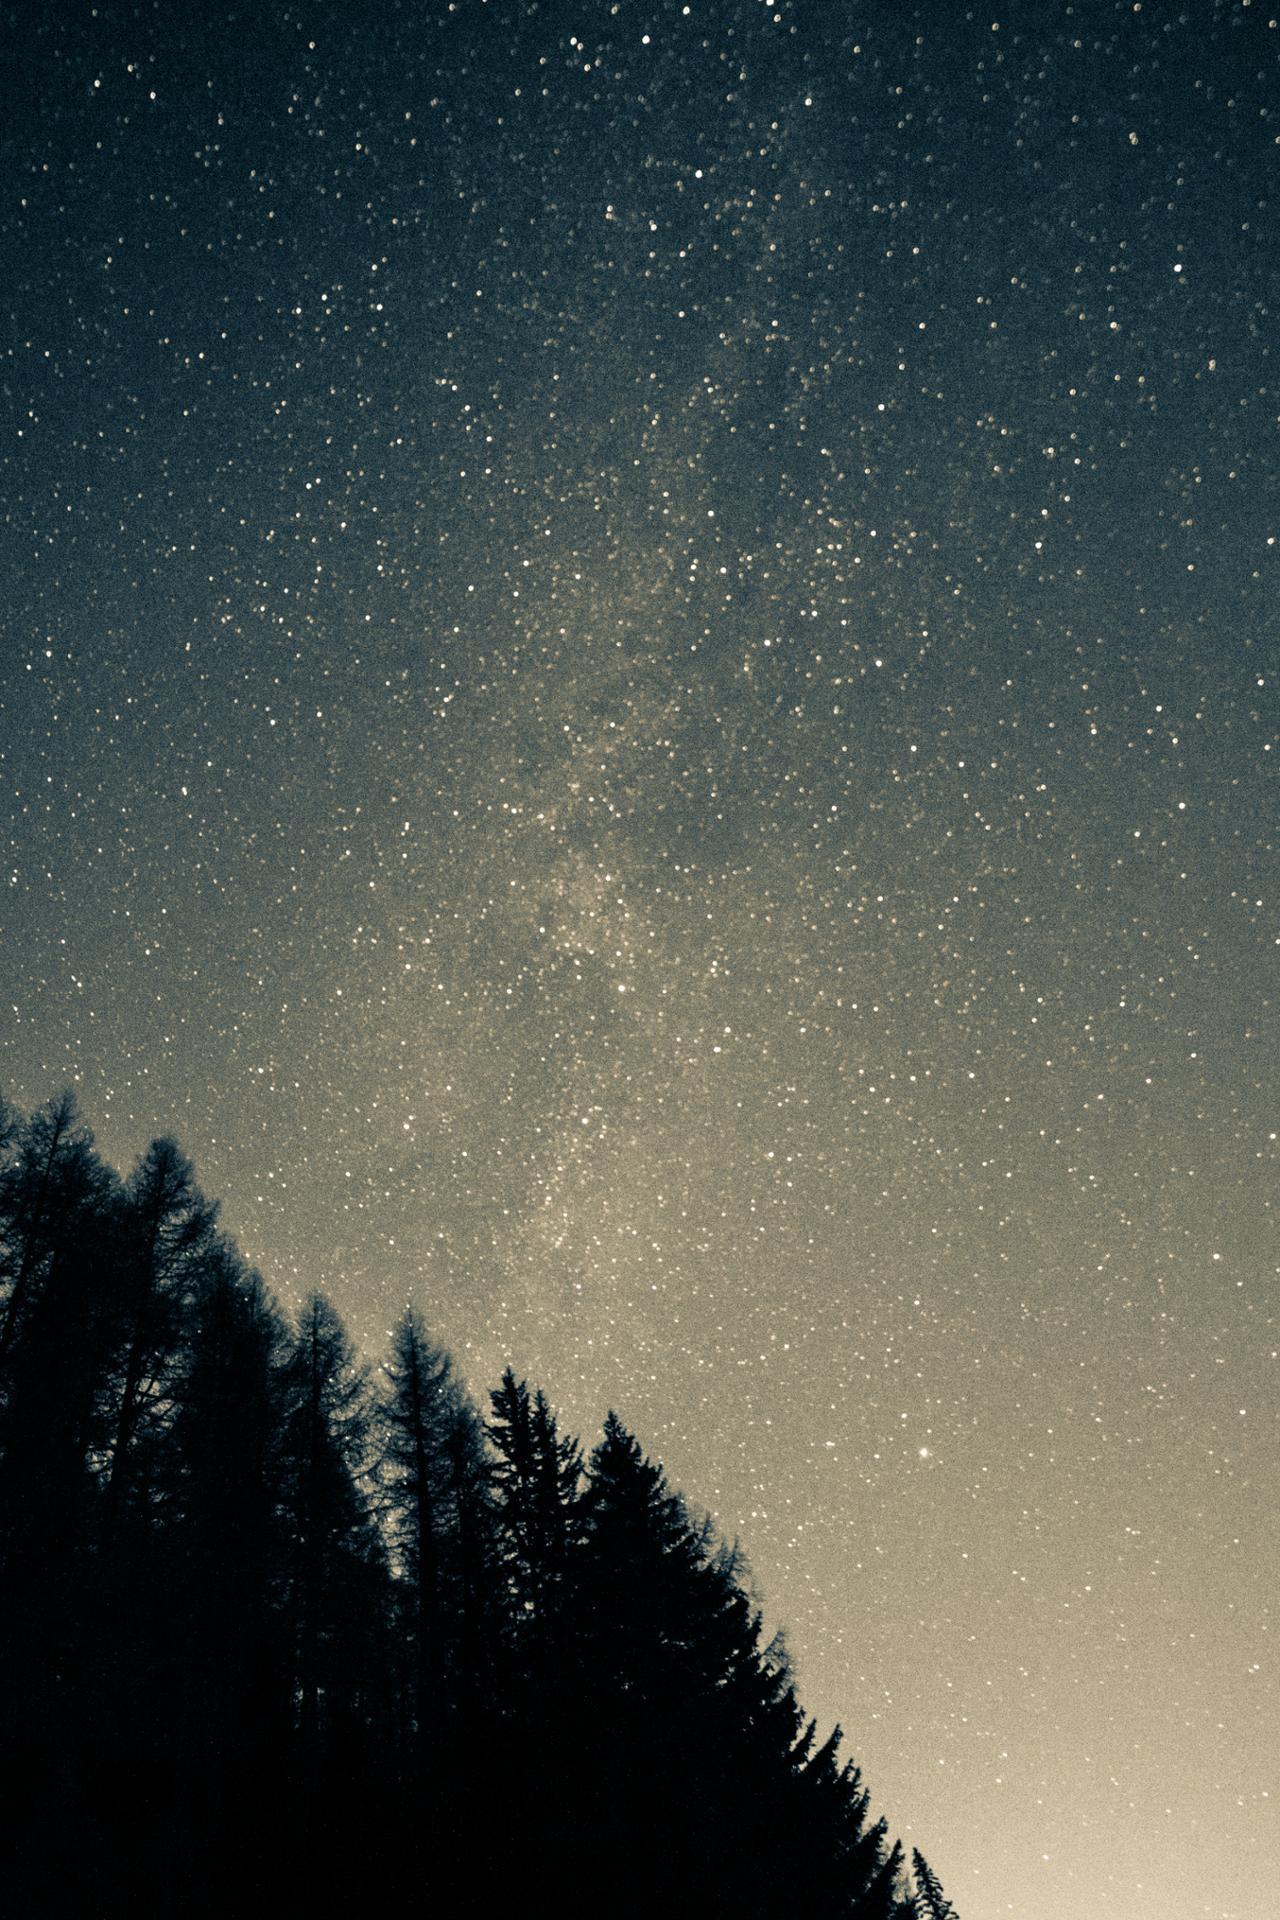 le bruit des étoiles